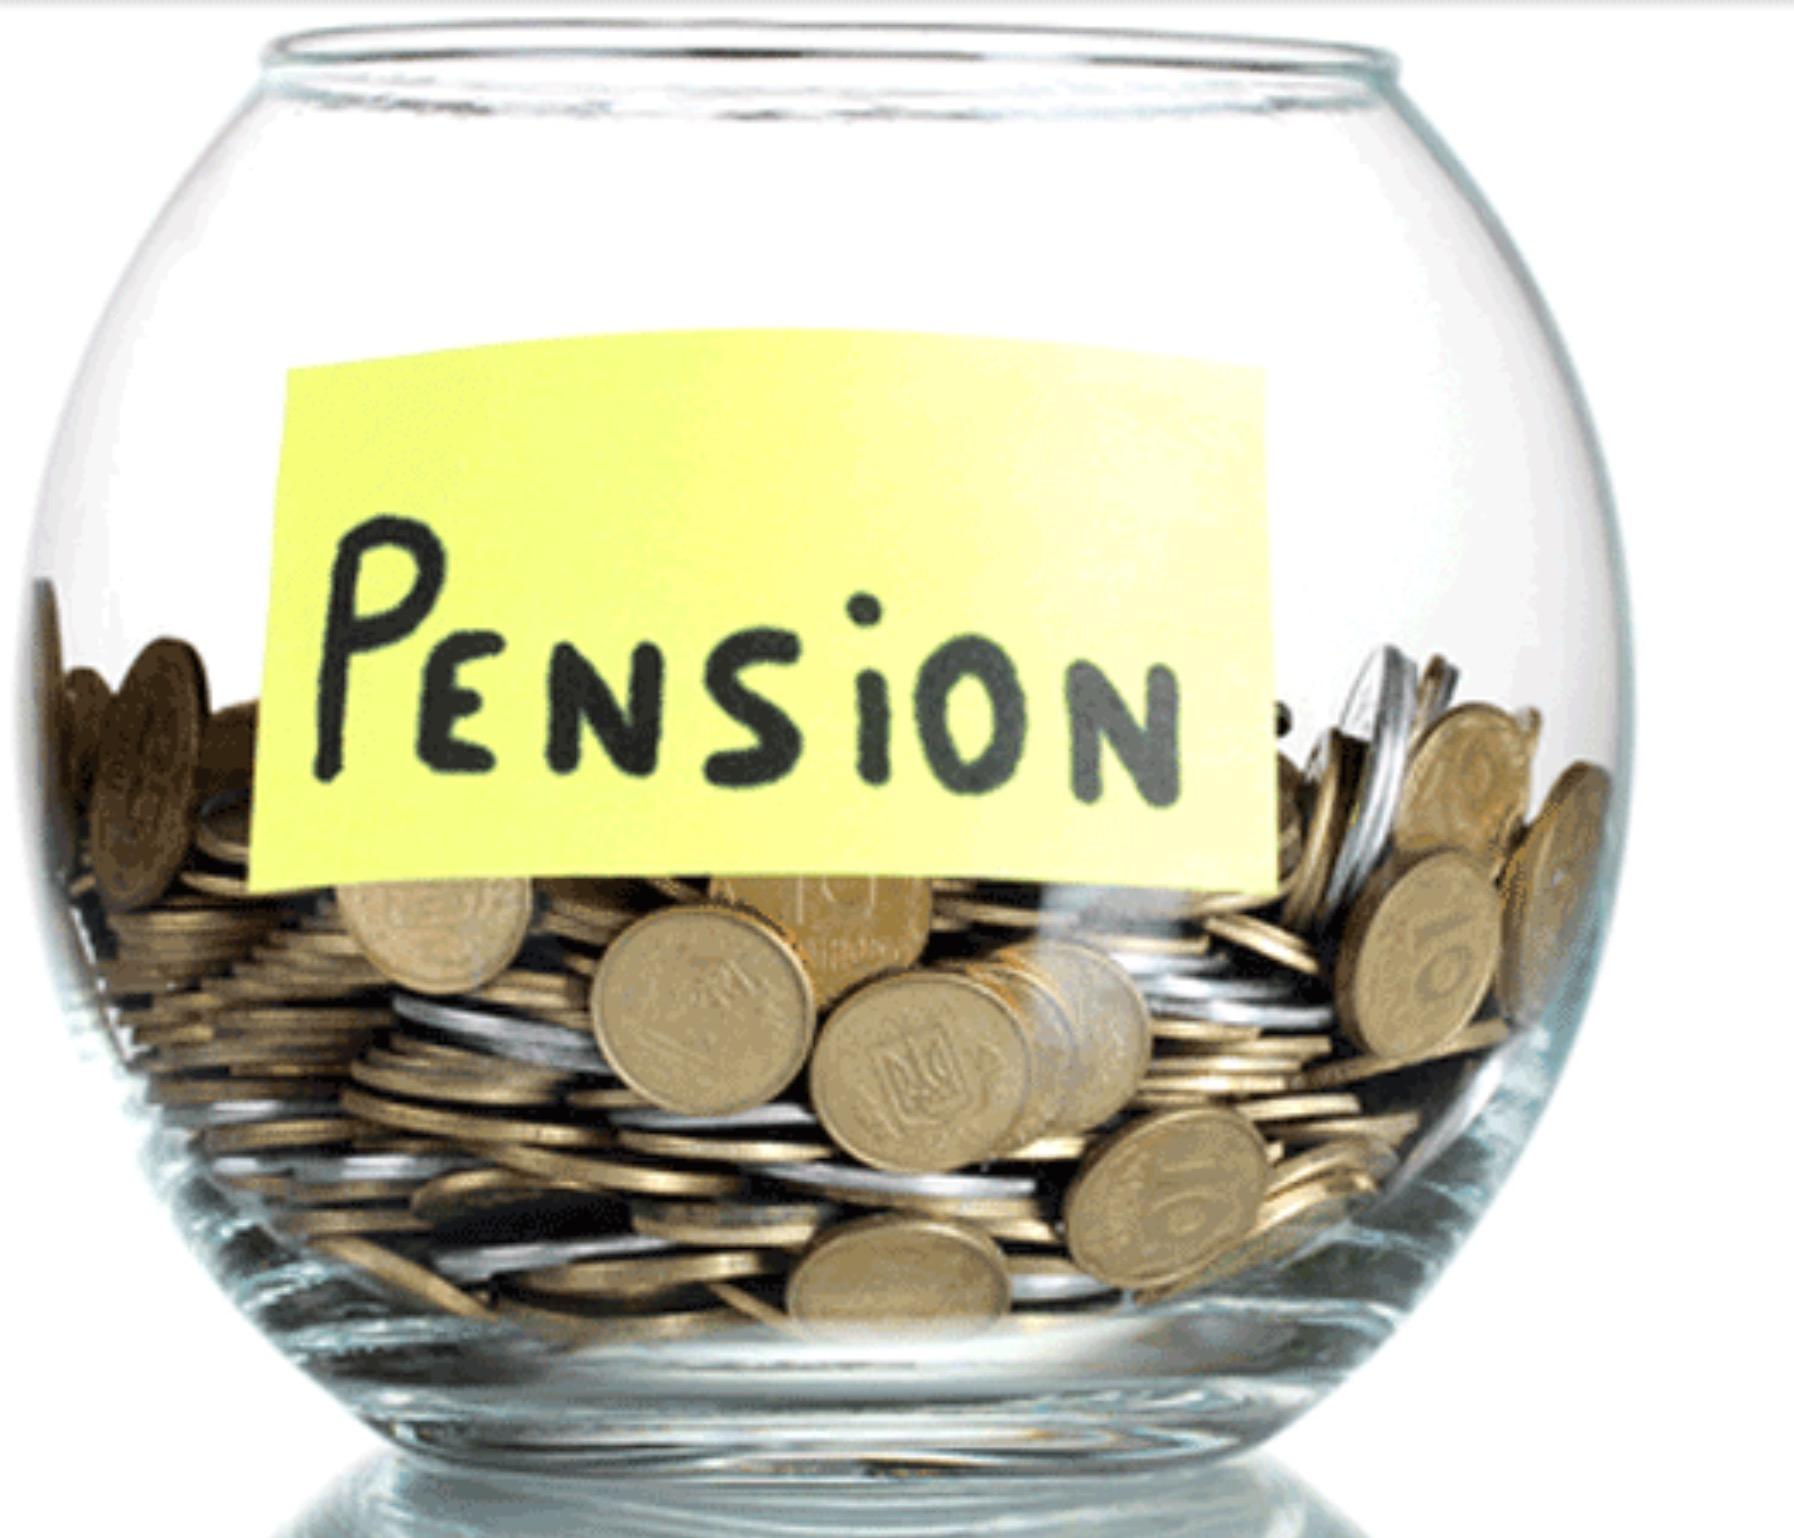 pension pot.jpg